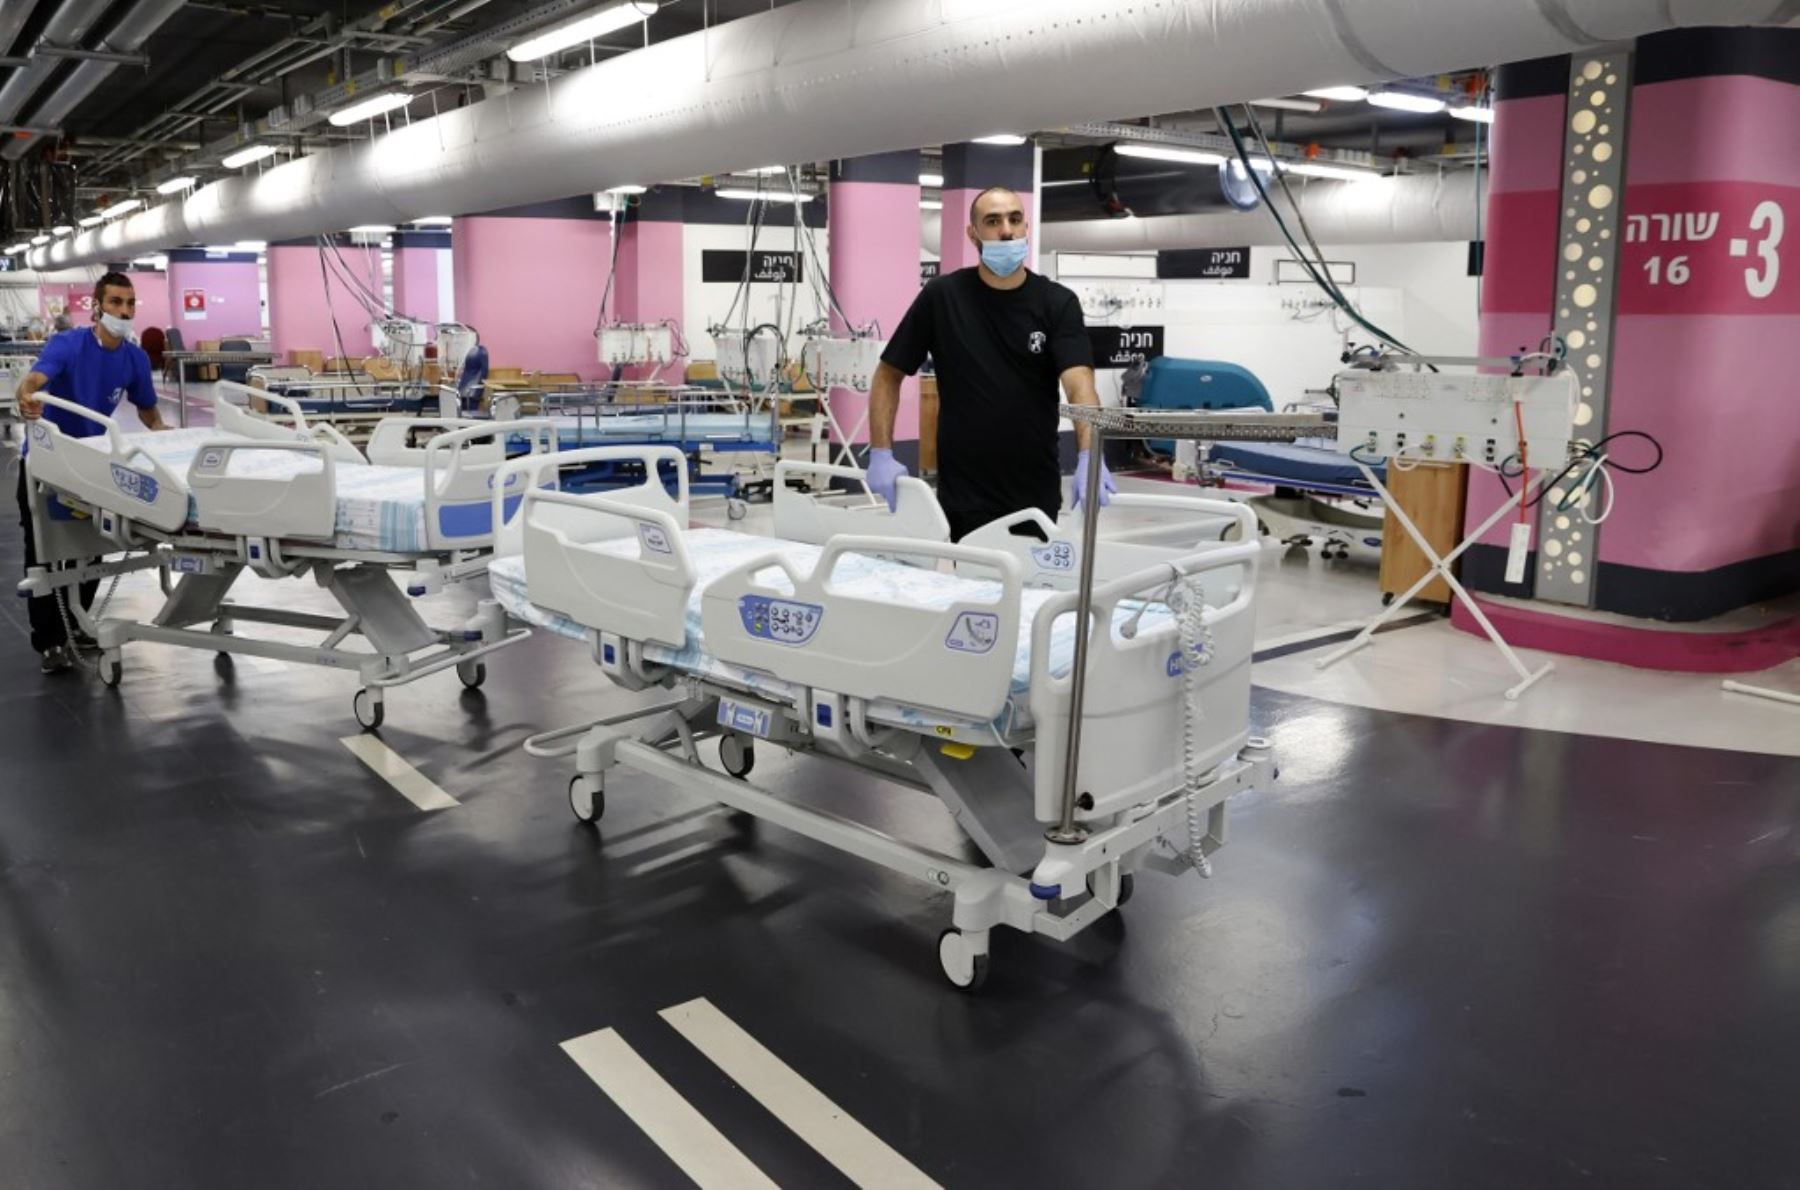 Un técnico prepara camas en el estacionamiento subterráneo del Rambam Health Care Campus, que se transformó en una instalación de cuidados intensivos para pacientes con coronavirus, en la ciudad de Haifa, en el norte de Israel,